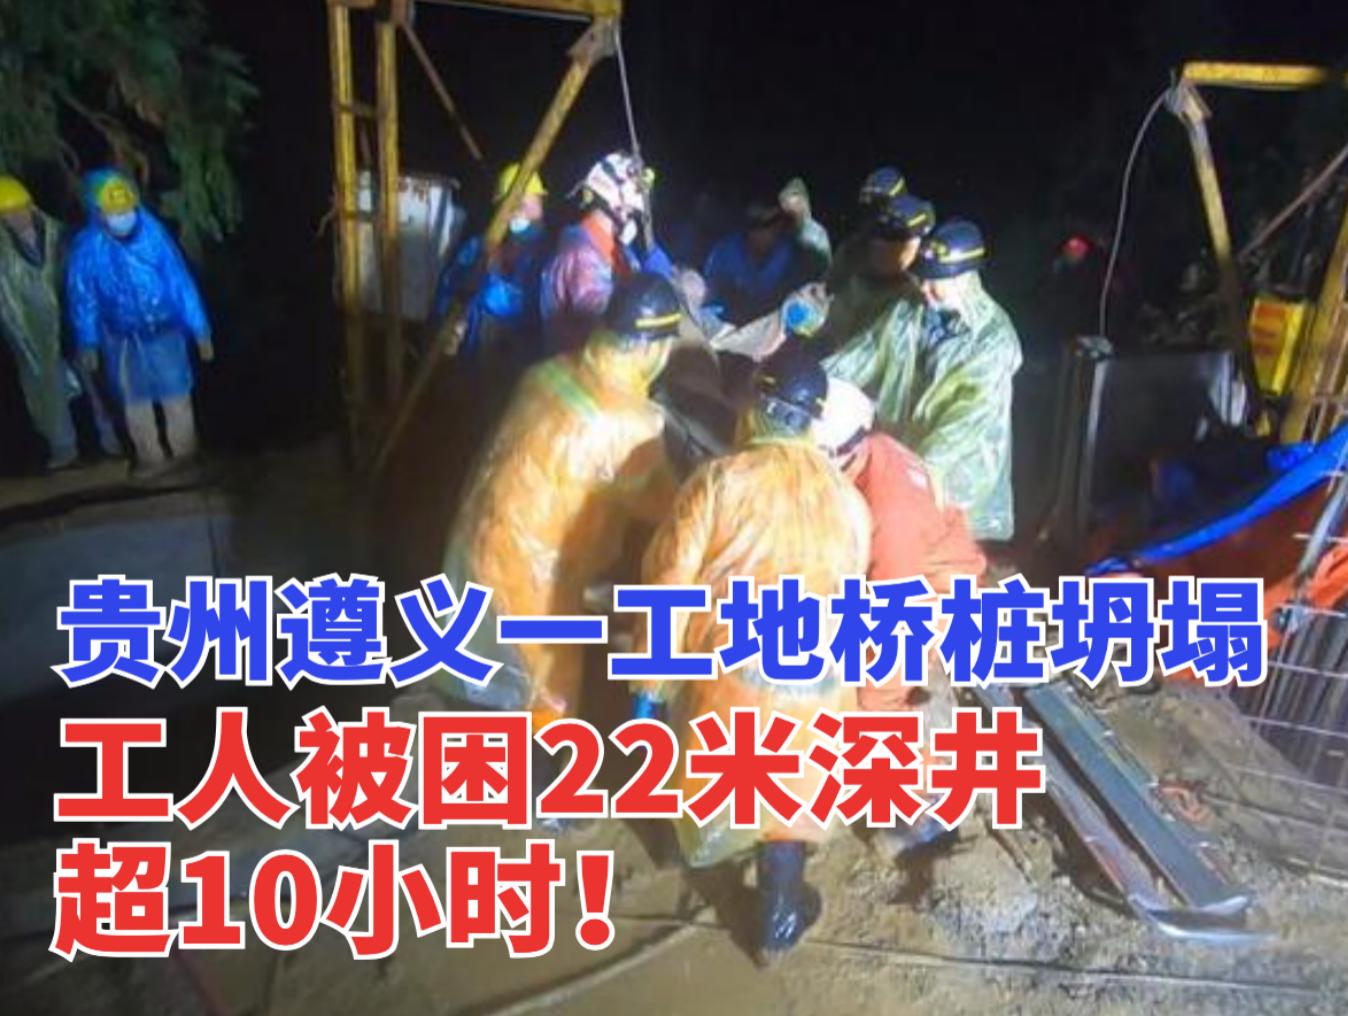 突发!贵州遵义一工地桥桩坍塌致2名工人被困22米深井超10小时!